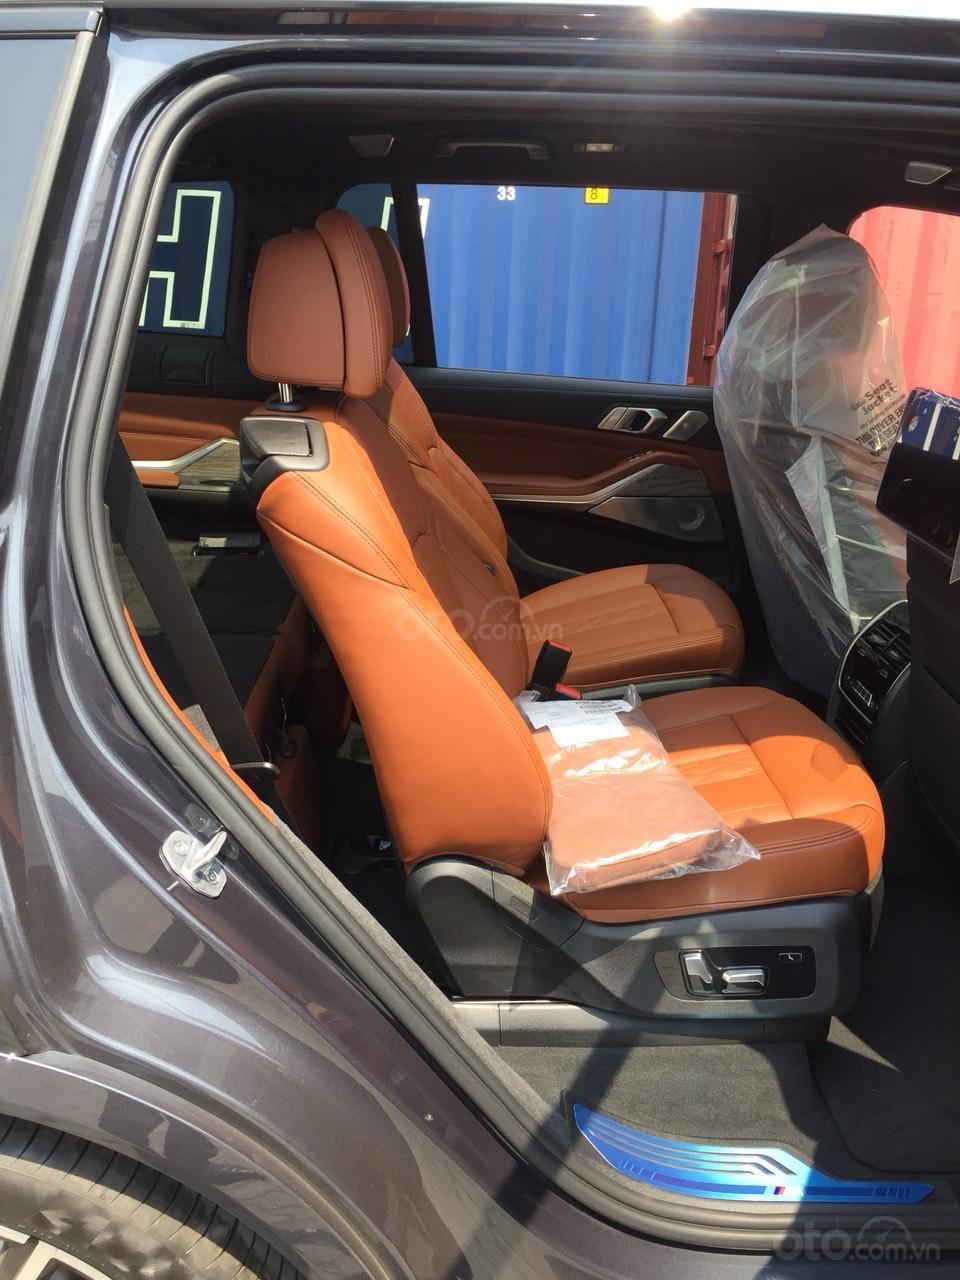 Bán BMW X7 M-sport xdrive 40i, đủ màu giao ngay, xe full option, nhận ép biển đẹp (14)